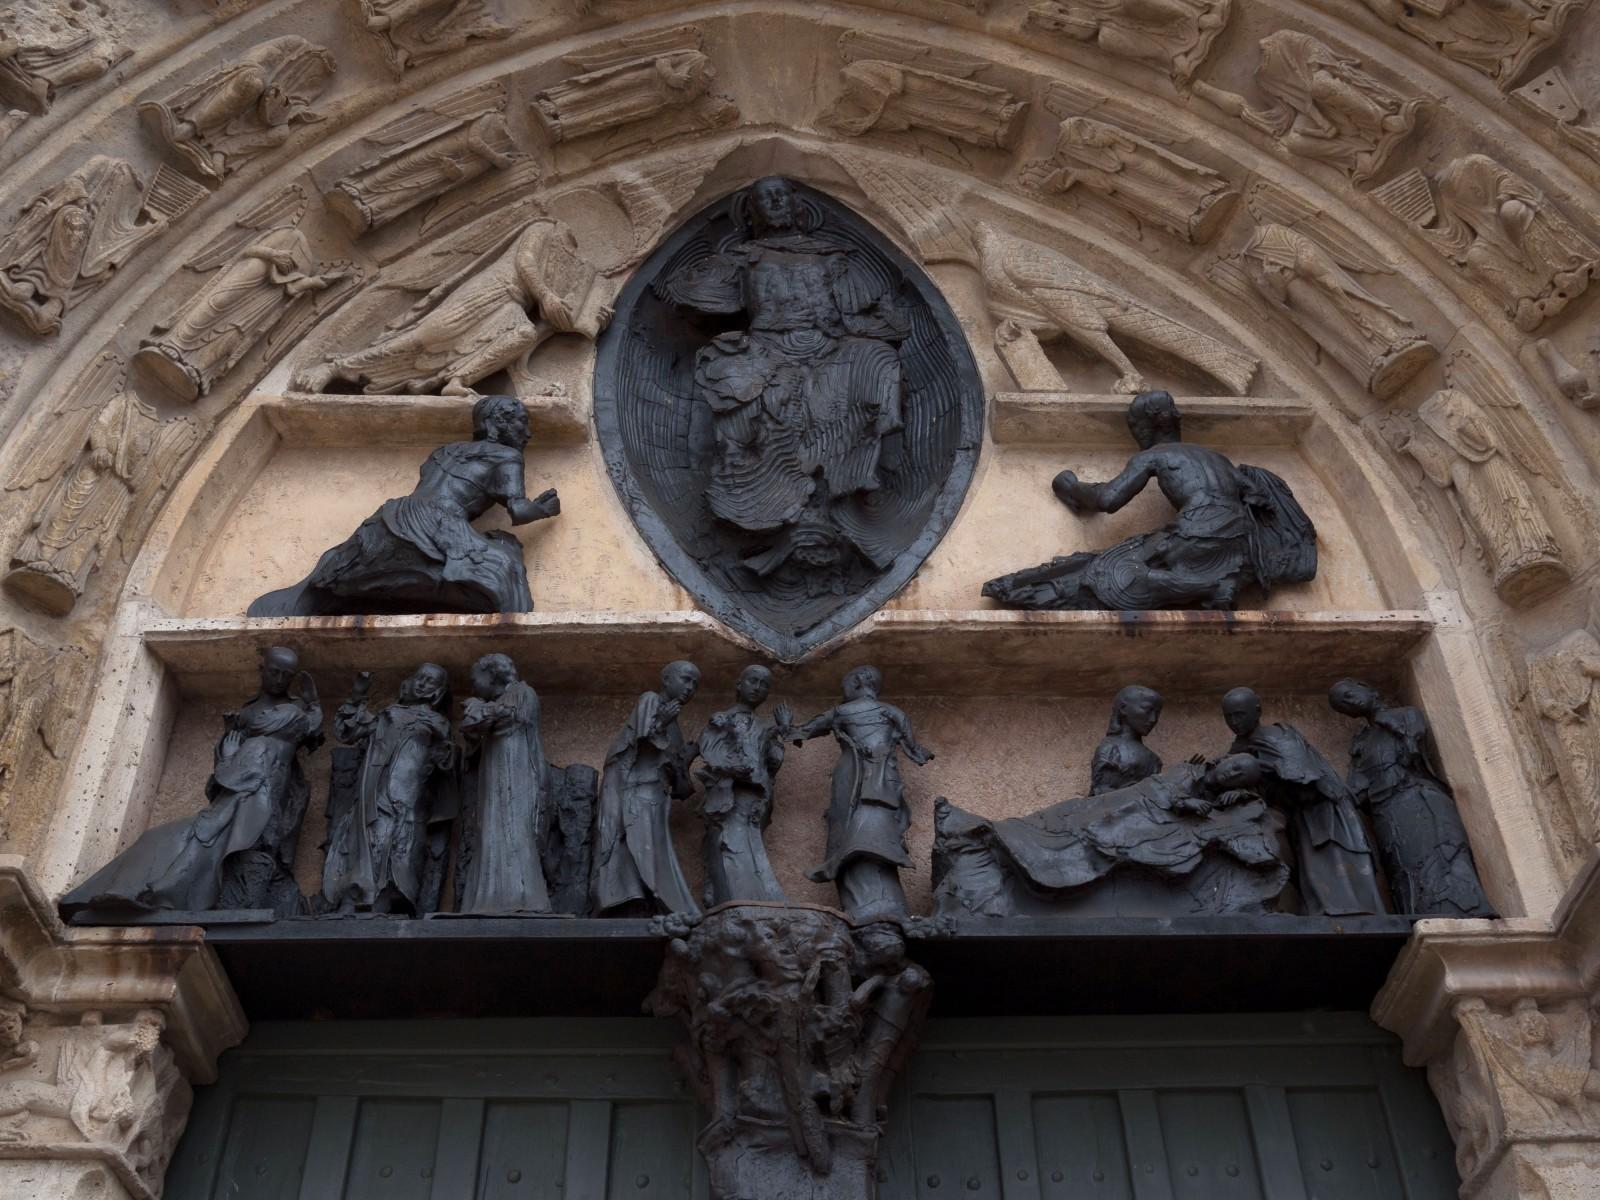 Église Saint Ayoult à Provins. Les sculptures datent de 1990 et sont l'oeuvre de Georges Jeanclos. Elles comblent depuis 1986 la lacune qu'avaient laissée les destructions de la période révolutionnaire. C'est un bel exemple de substitution par une oeuvre contemporaine. © Ph. Cieren.